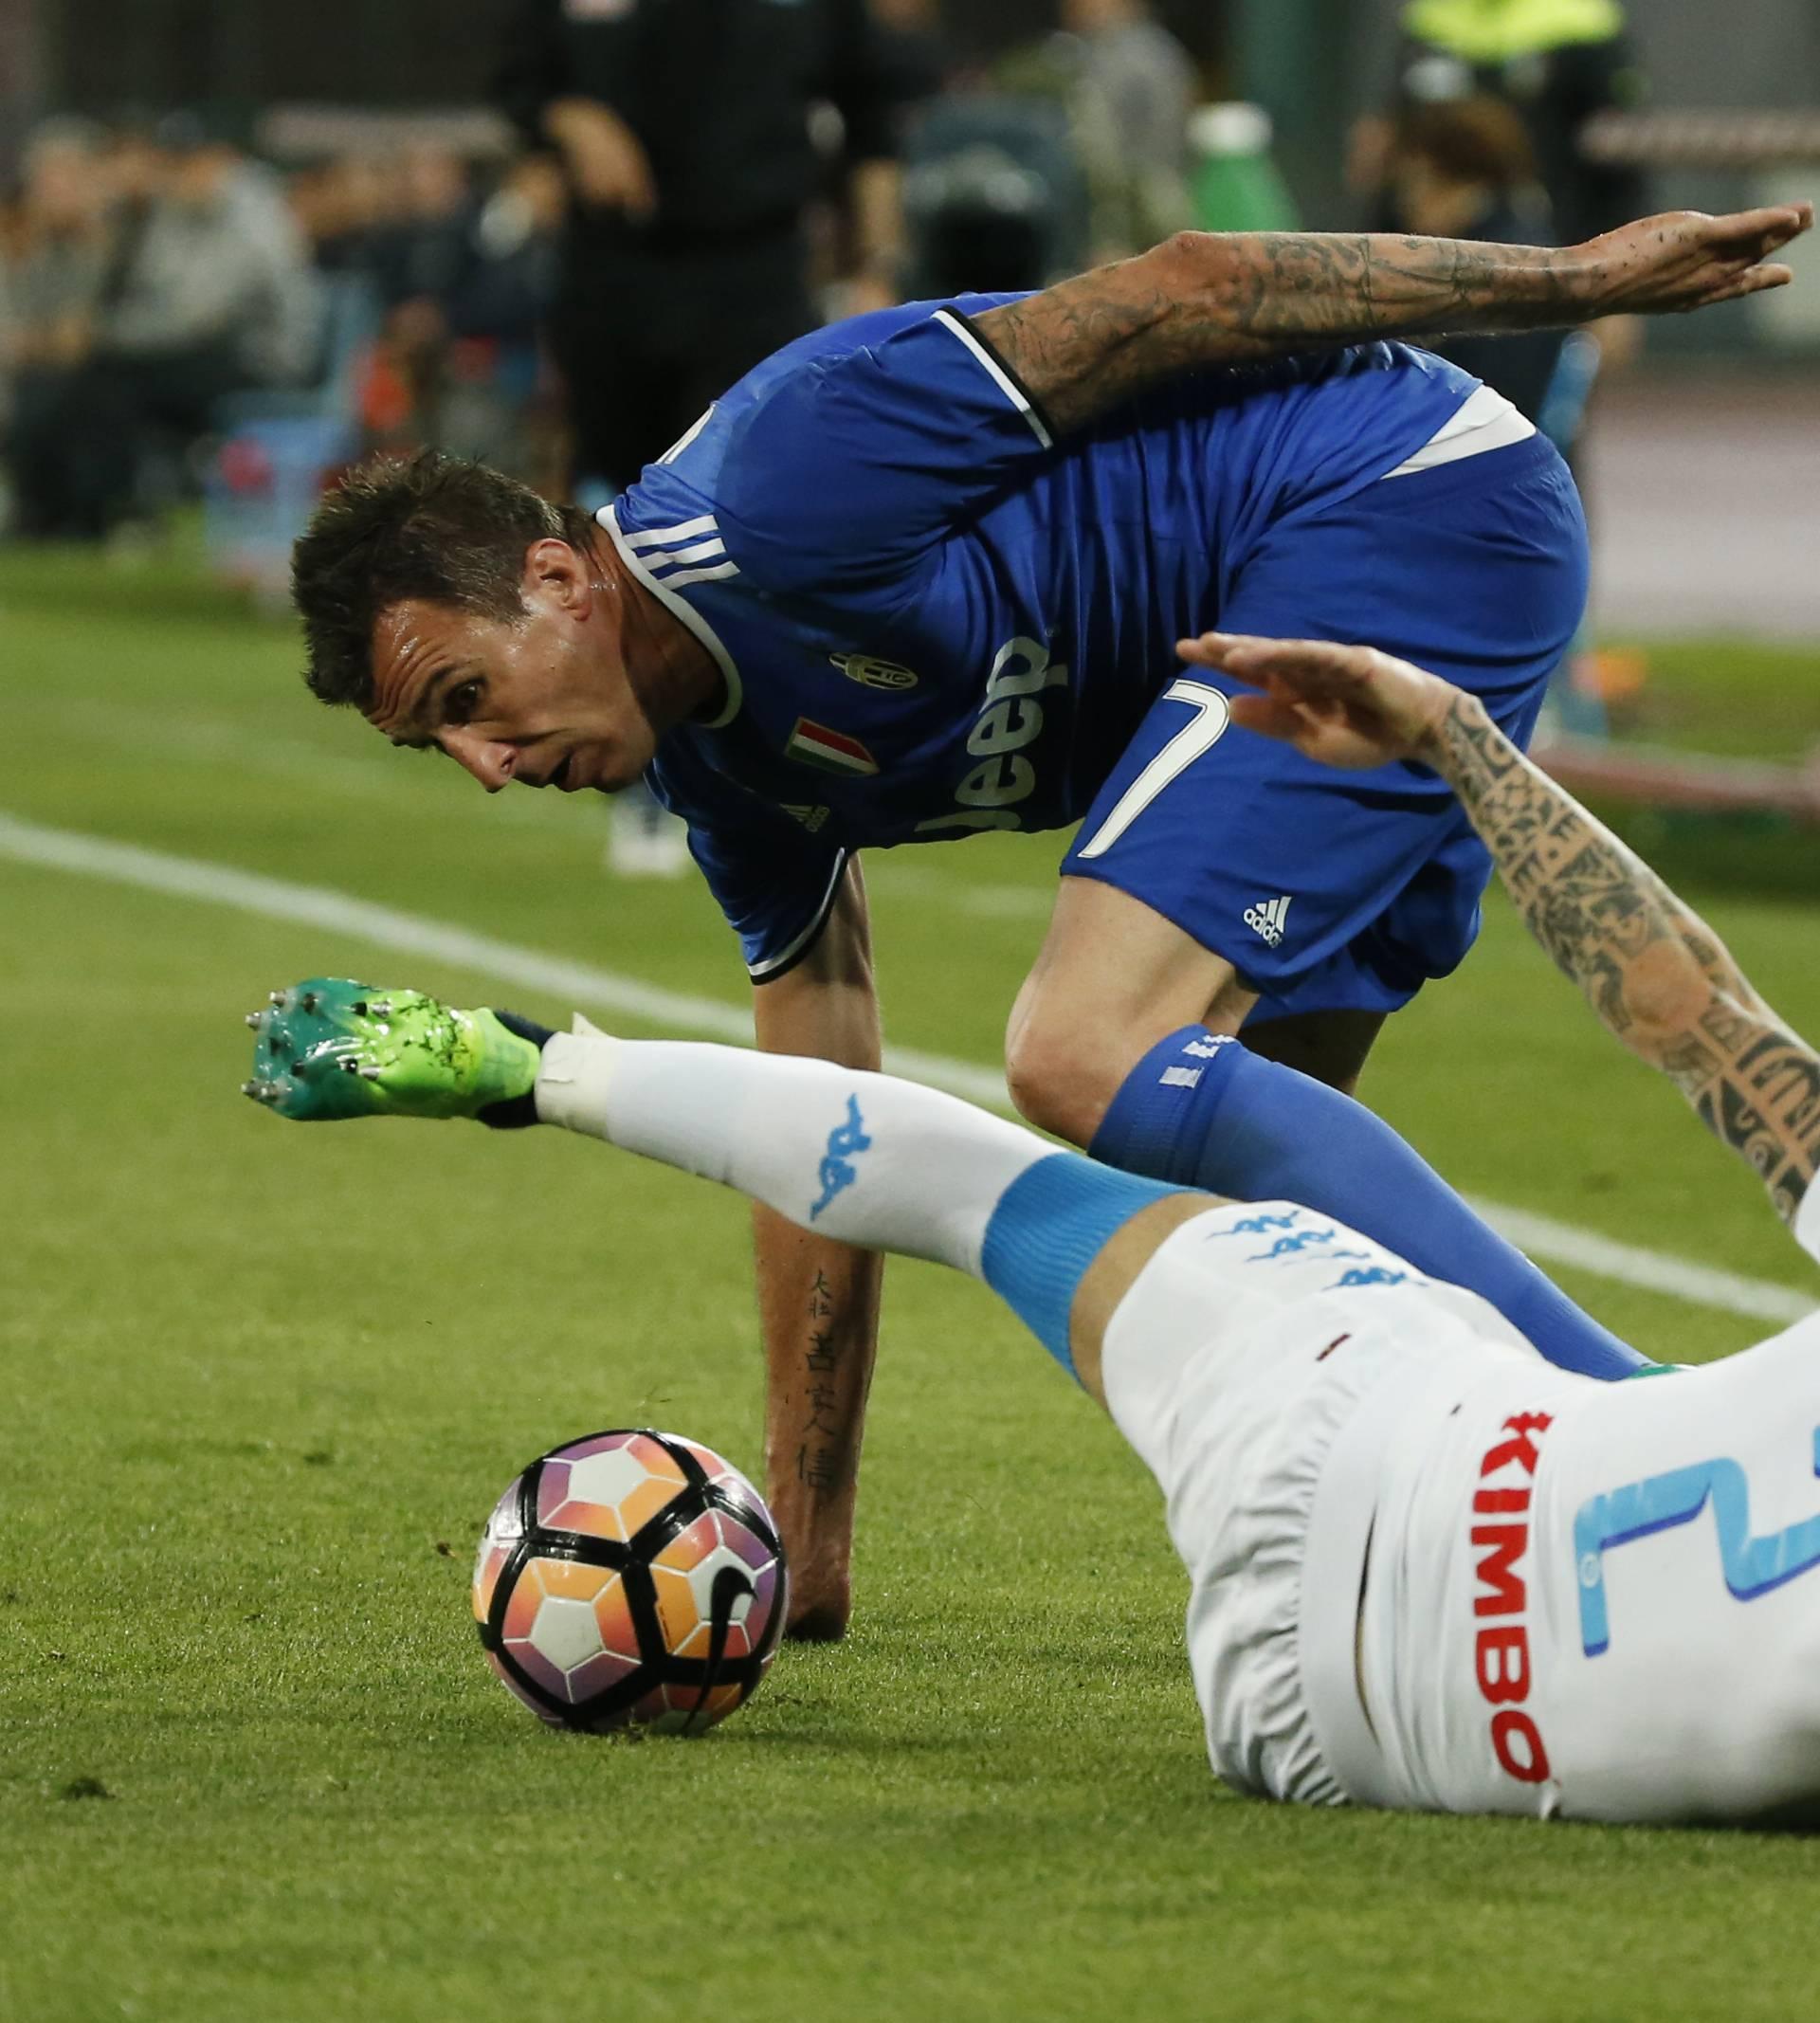 Juventus' Mario Mandzukic in action with Napoli's Elseid Hysaj